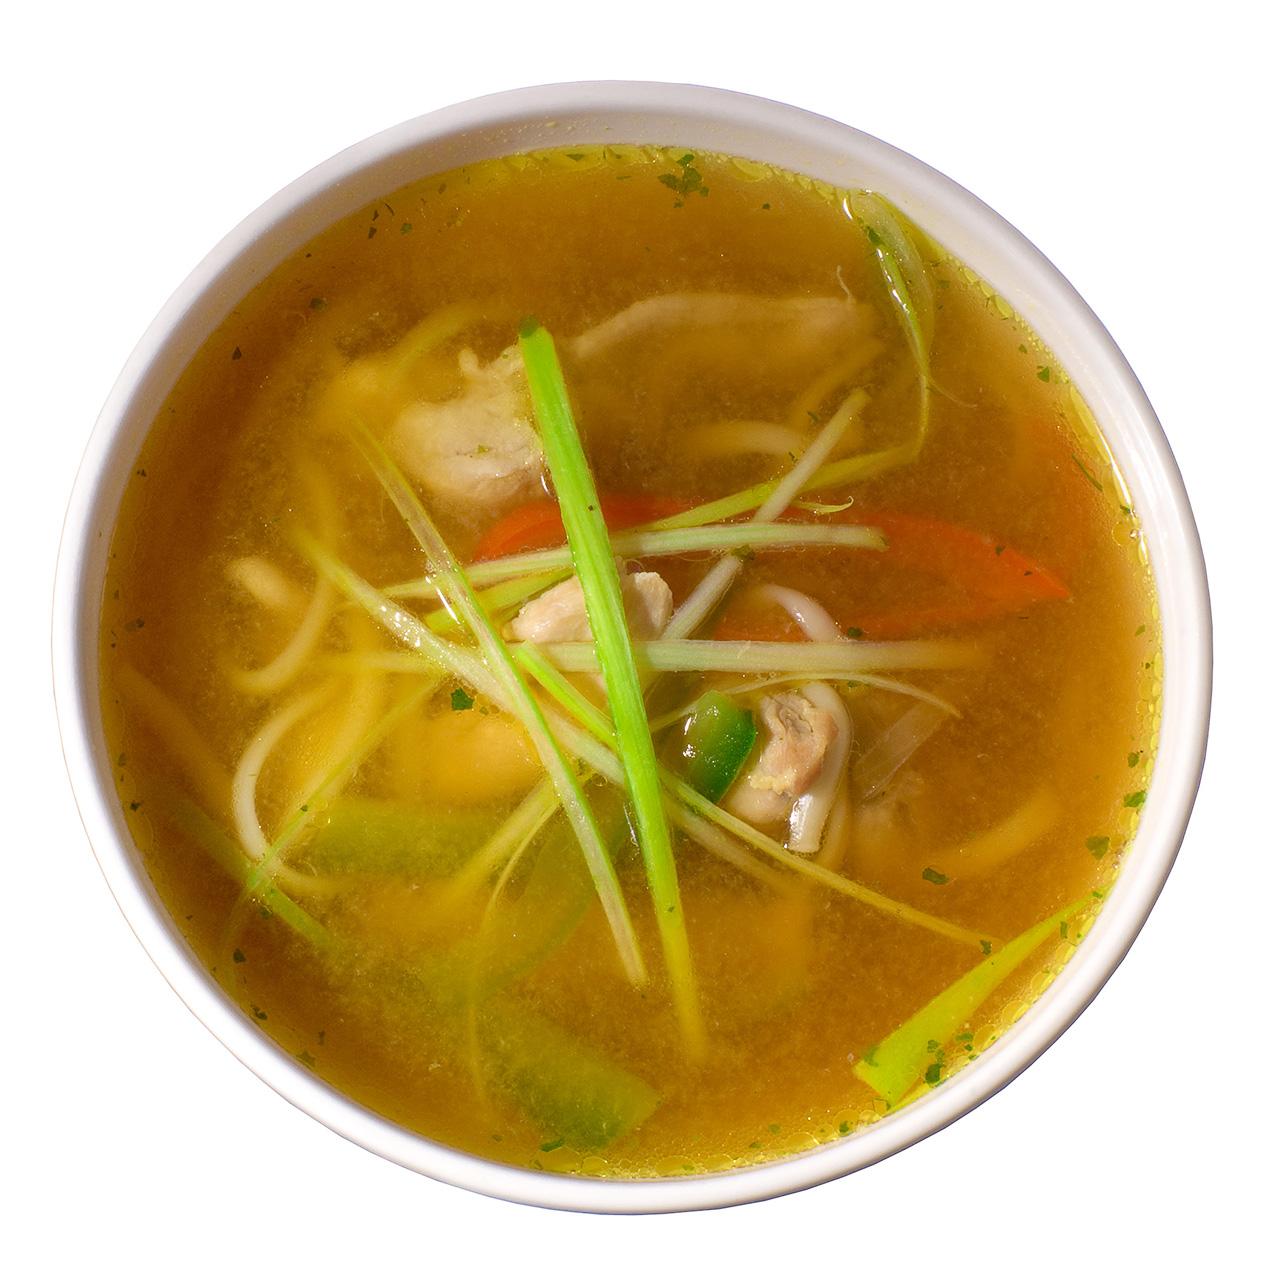 фотосъемка блюд для меню ресторанов